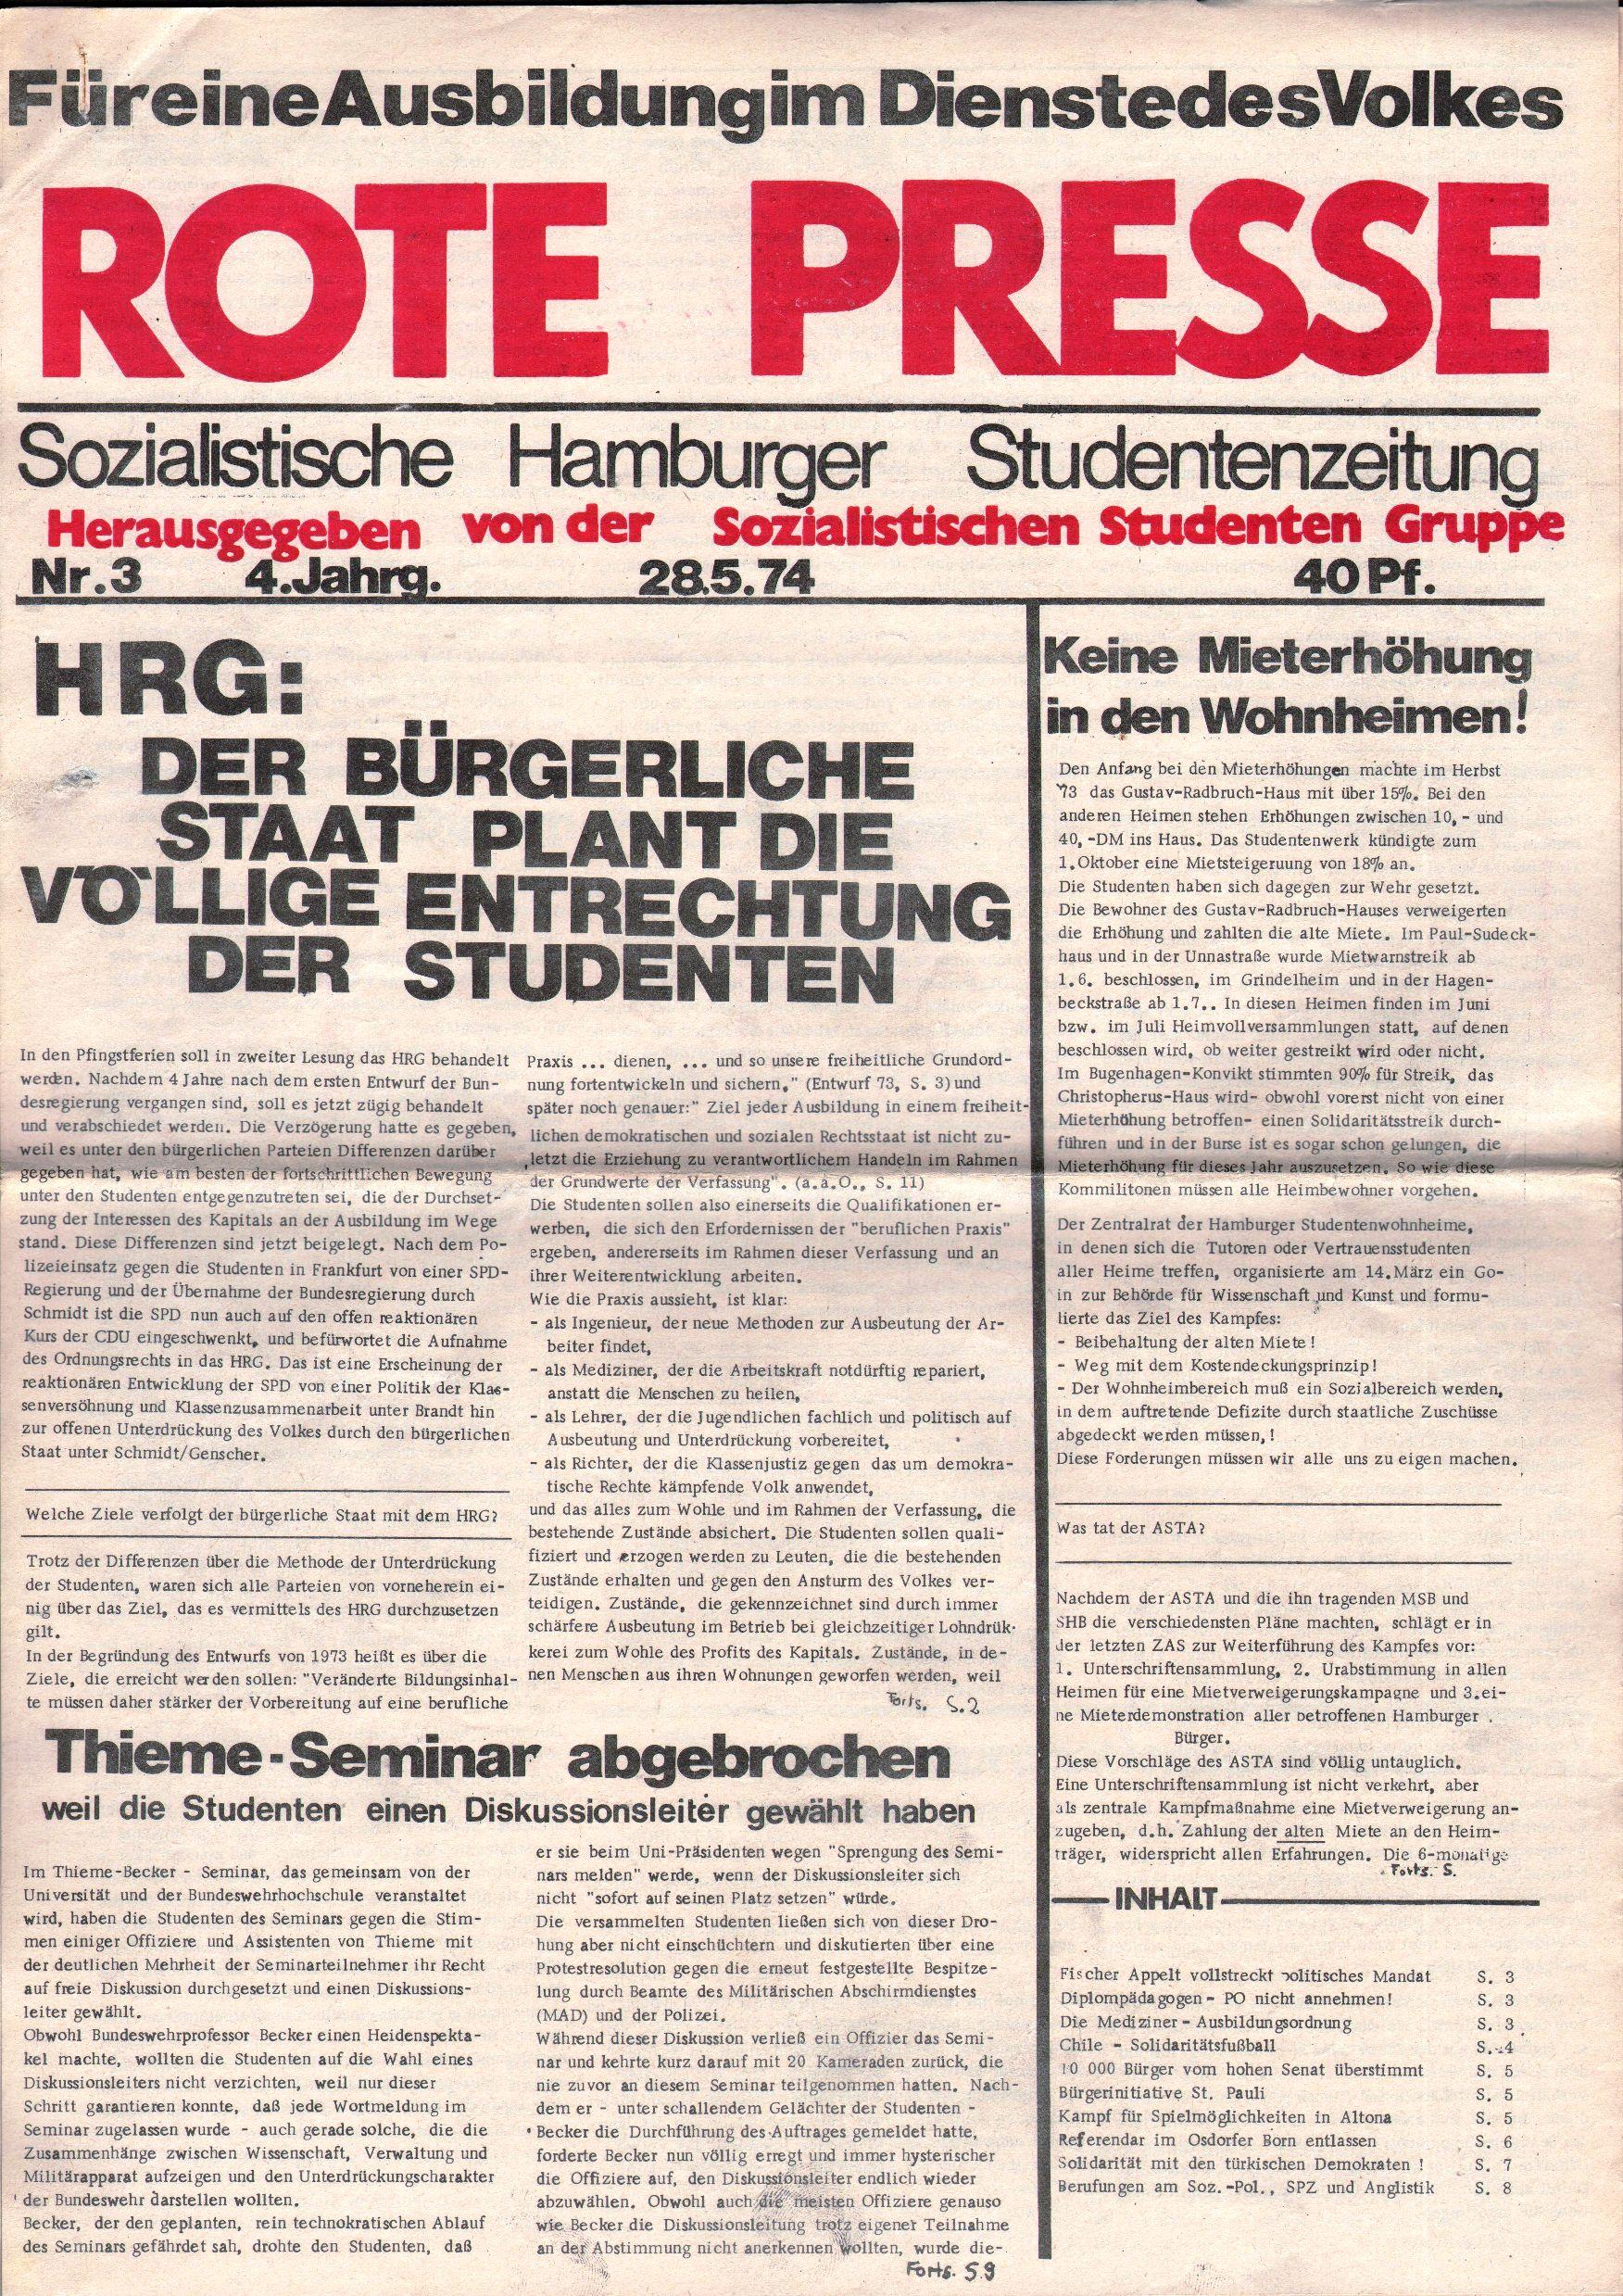 Hamburg_Rote_Presse390